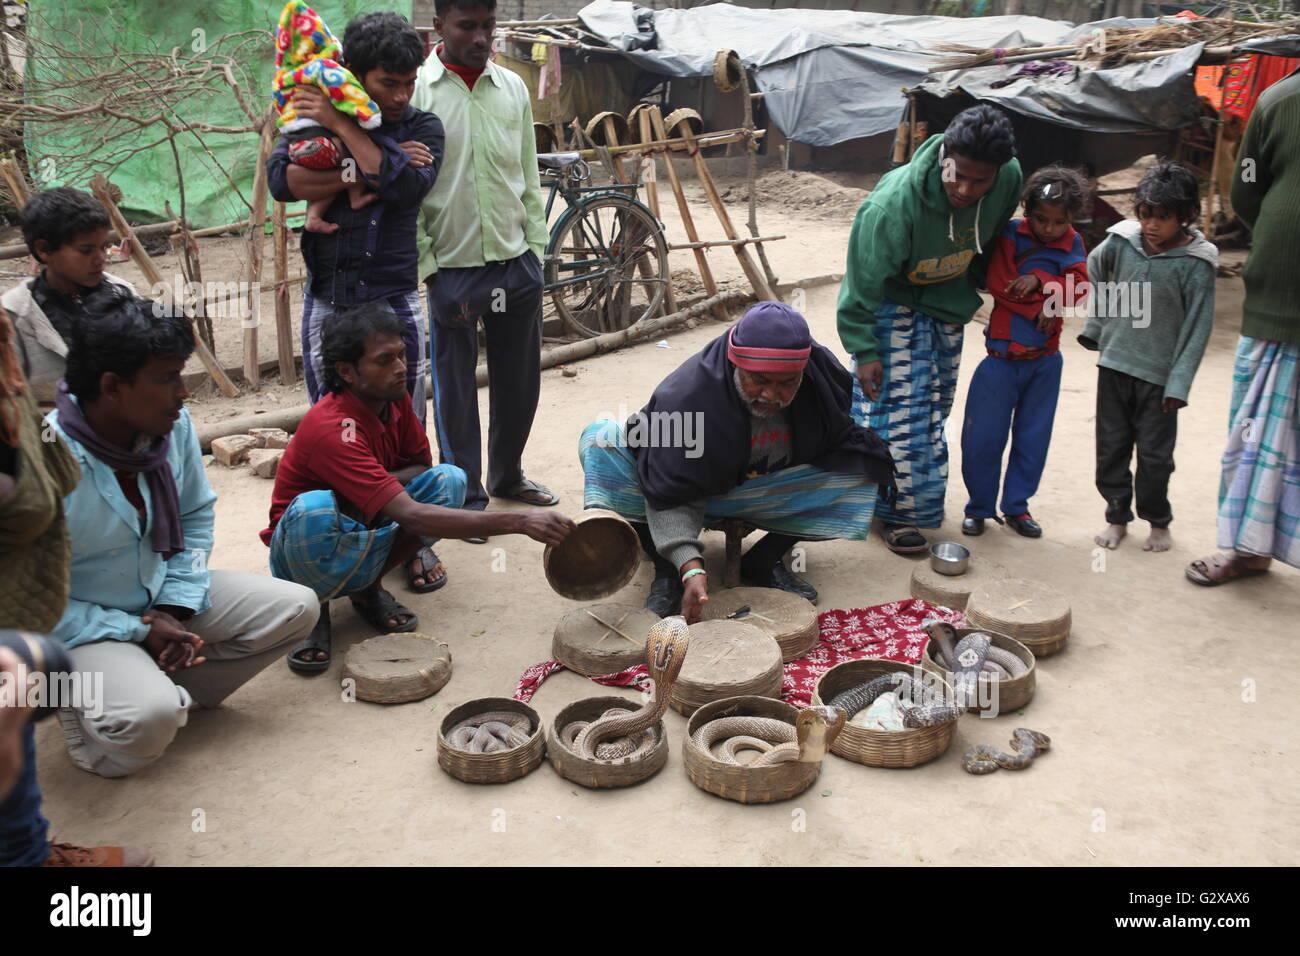 Las serpientes mortíferas saliendo de las canastas durante la exhibición de los encantadores de serpientes en Bengala Foto de stock